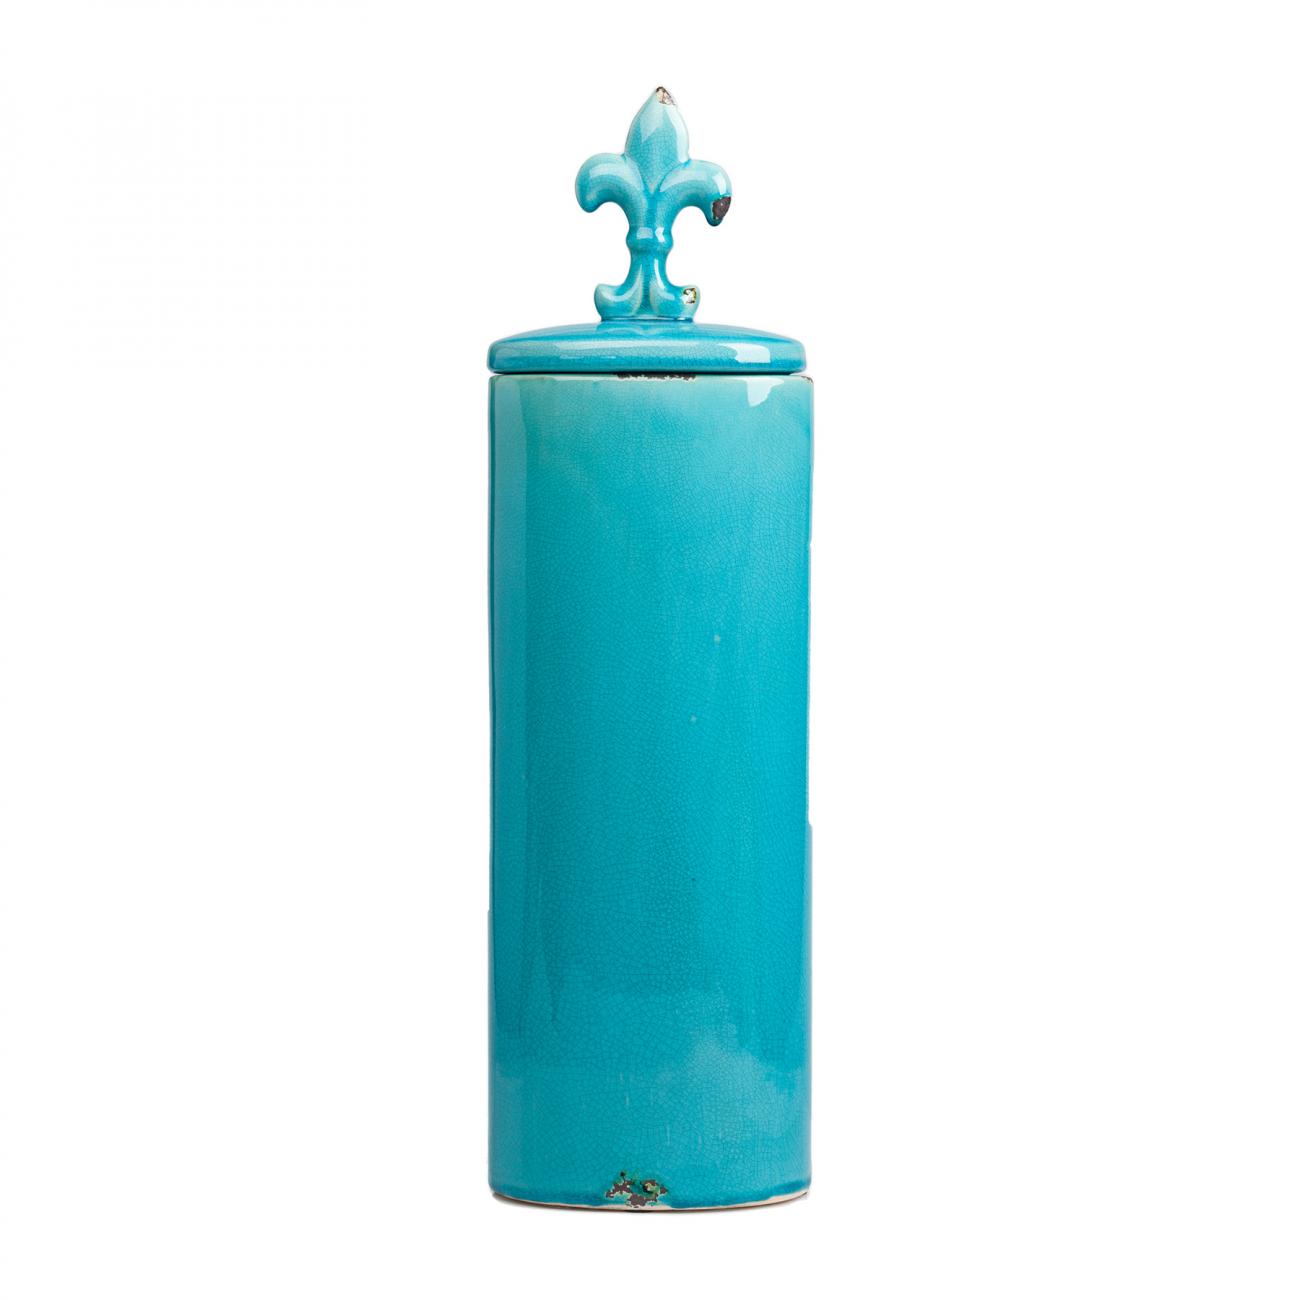 Купить Декоративная ваза с крышкой Cannister для хранения продуктов Голубая в интернет магазине дизайнерской мебели и аксессуаров для дома и дачи